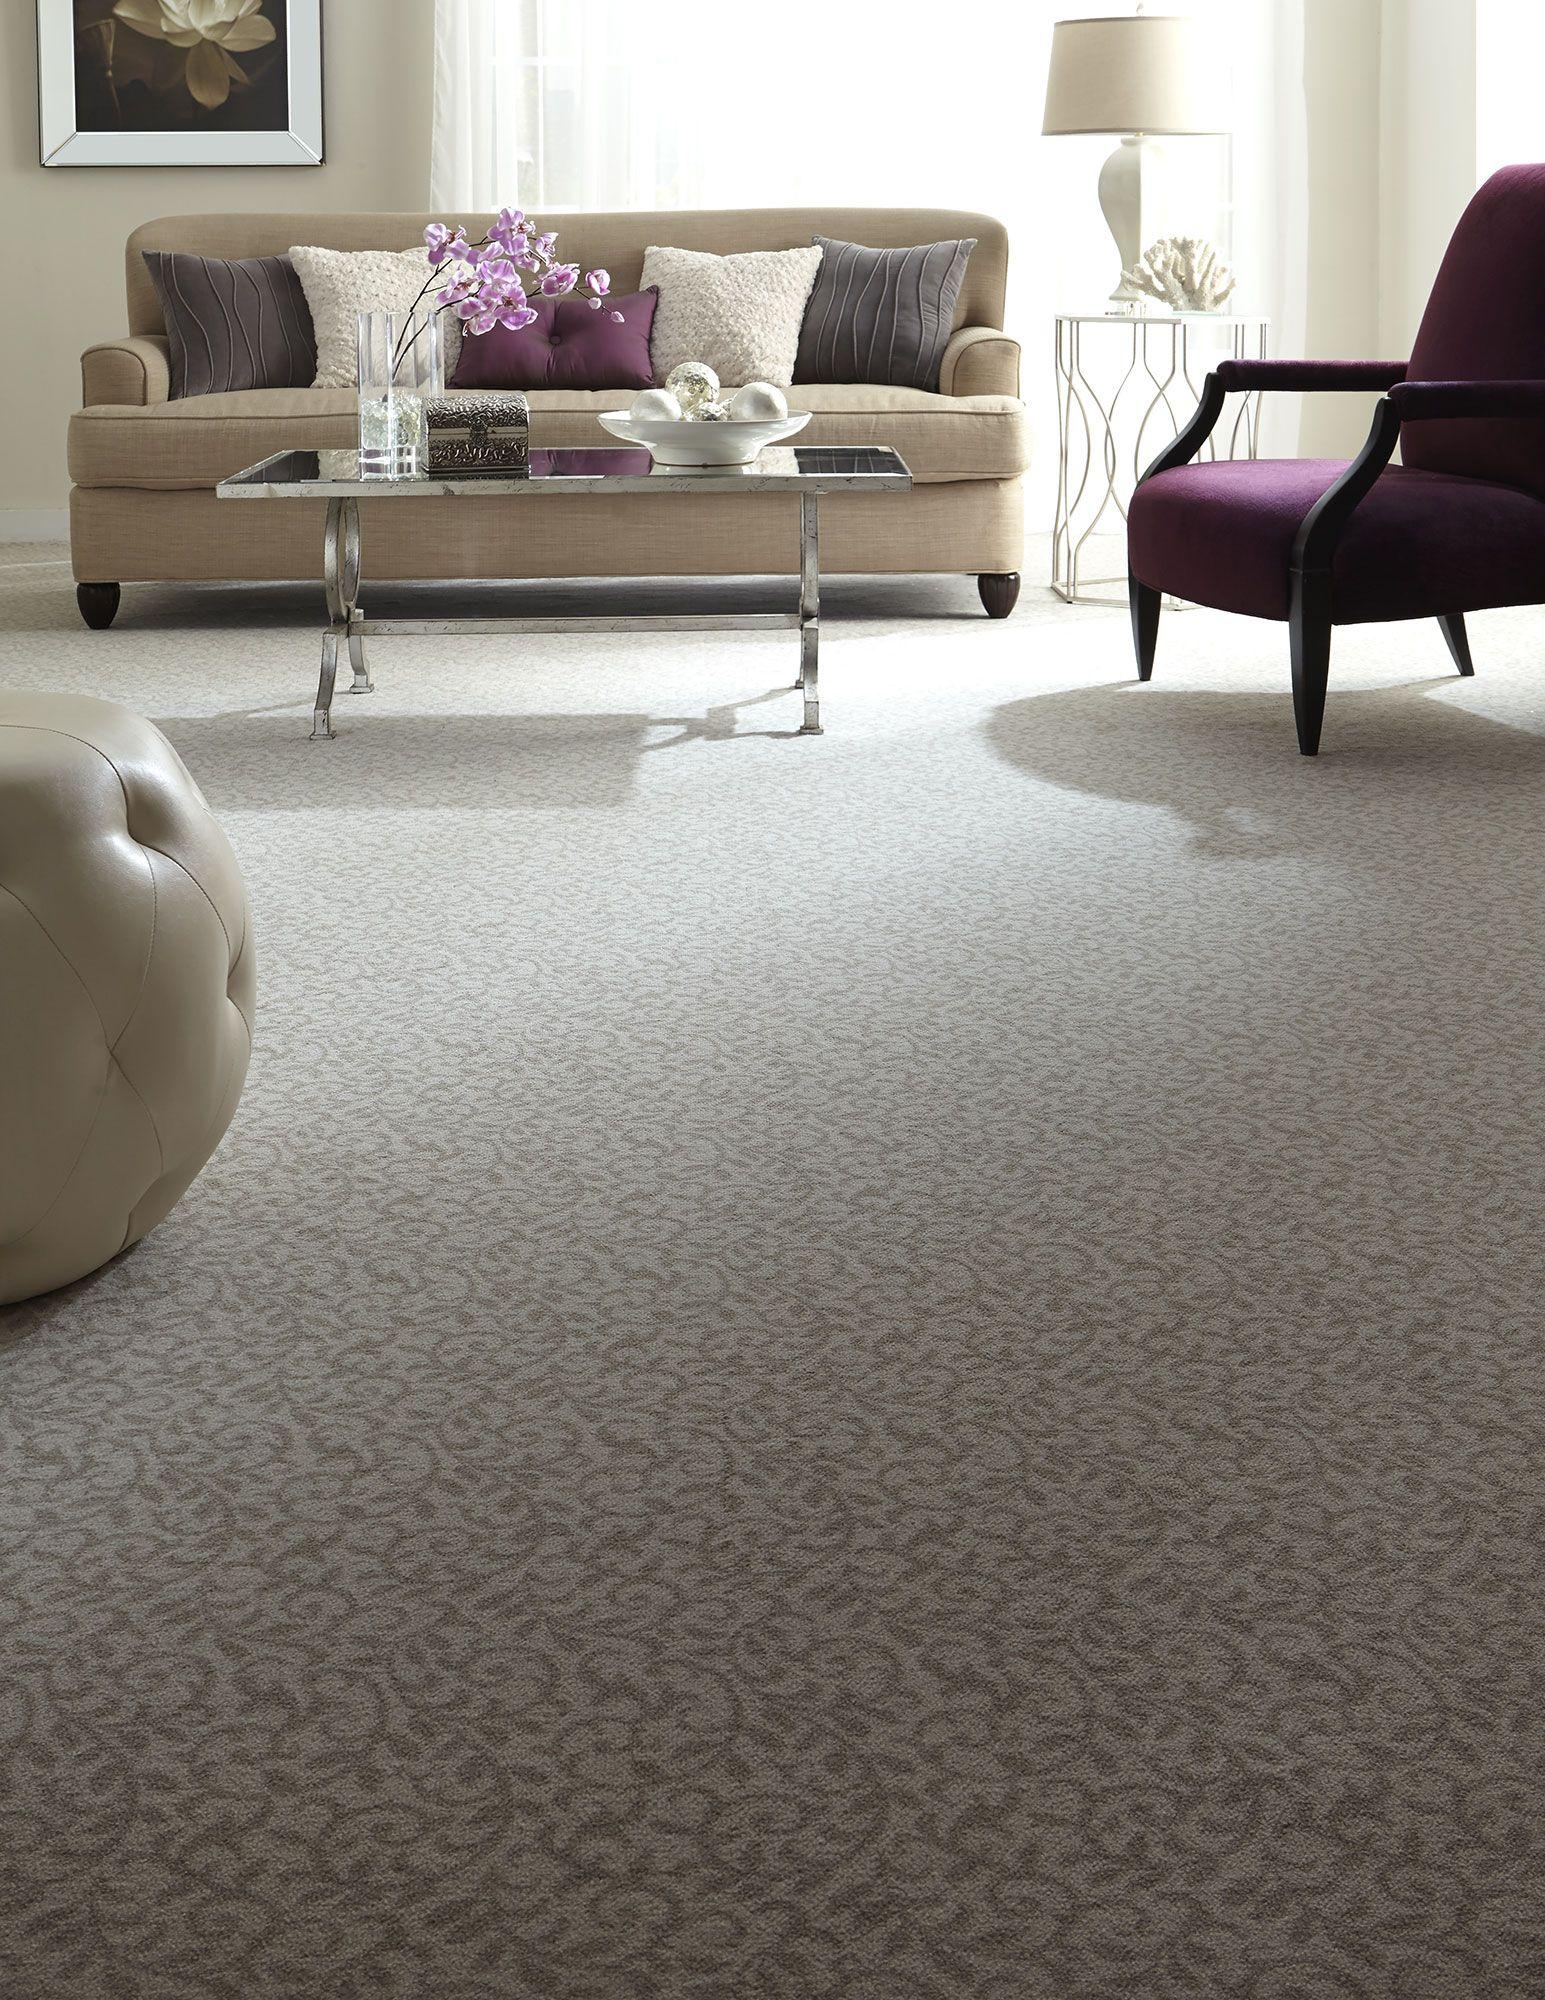 rooms room carpets interior pictures for family interiordecodir livings carpet com unique living idea